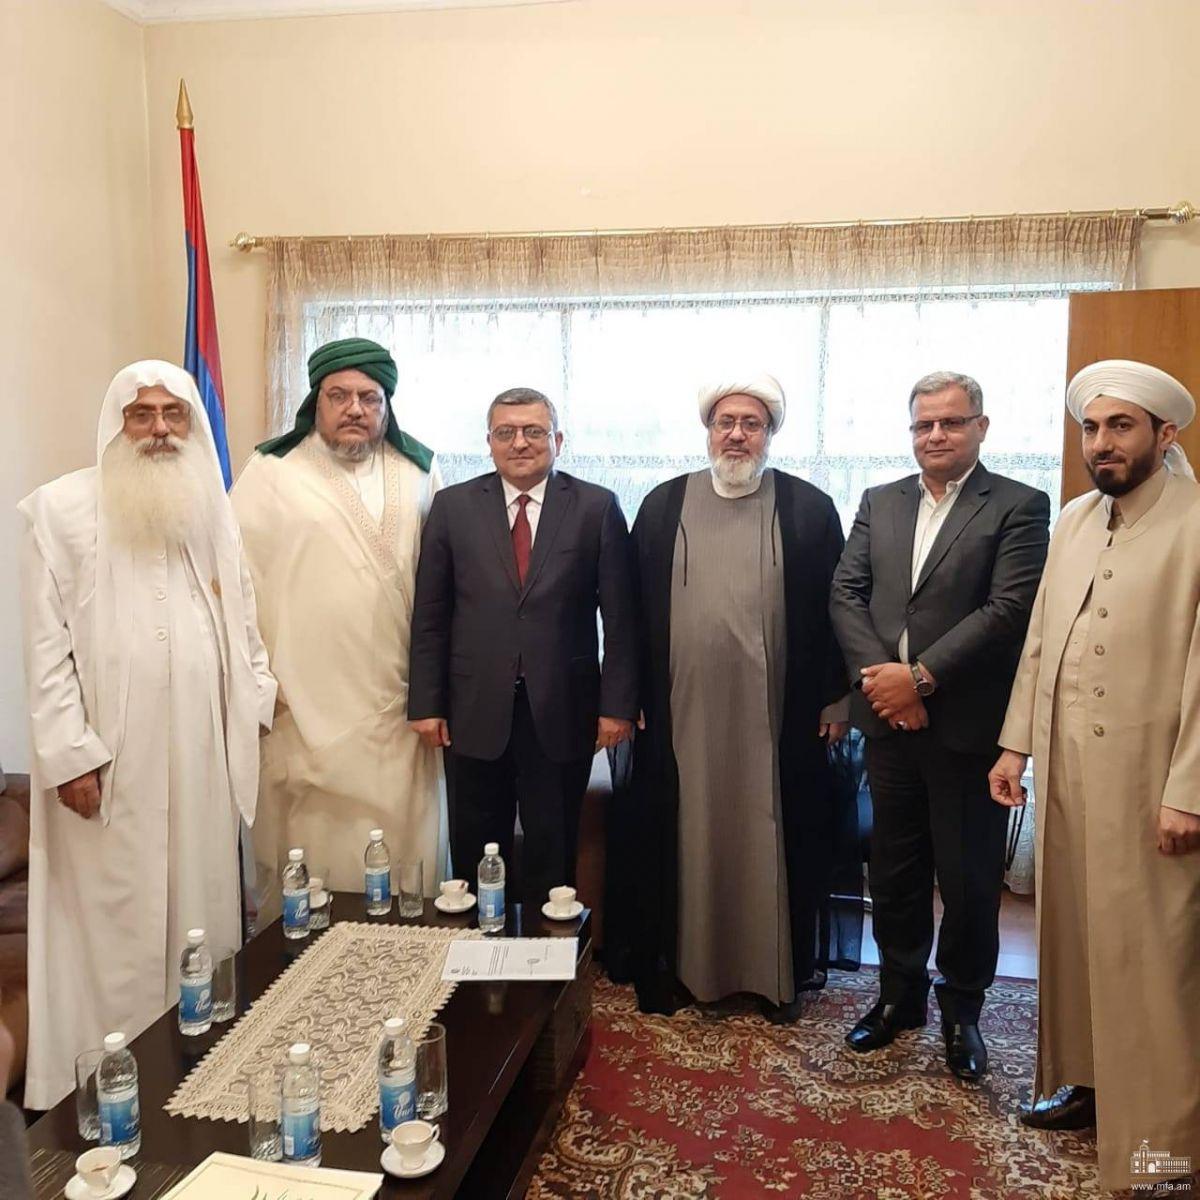 Թուրքիայի իշխանությունները պետք է հայցեն հայ ժողովրդի ներողամտությունը. Իրաքի Կրոնական ազգային խորհրդի նախագահ